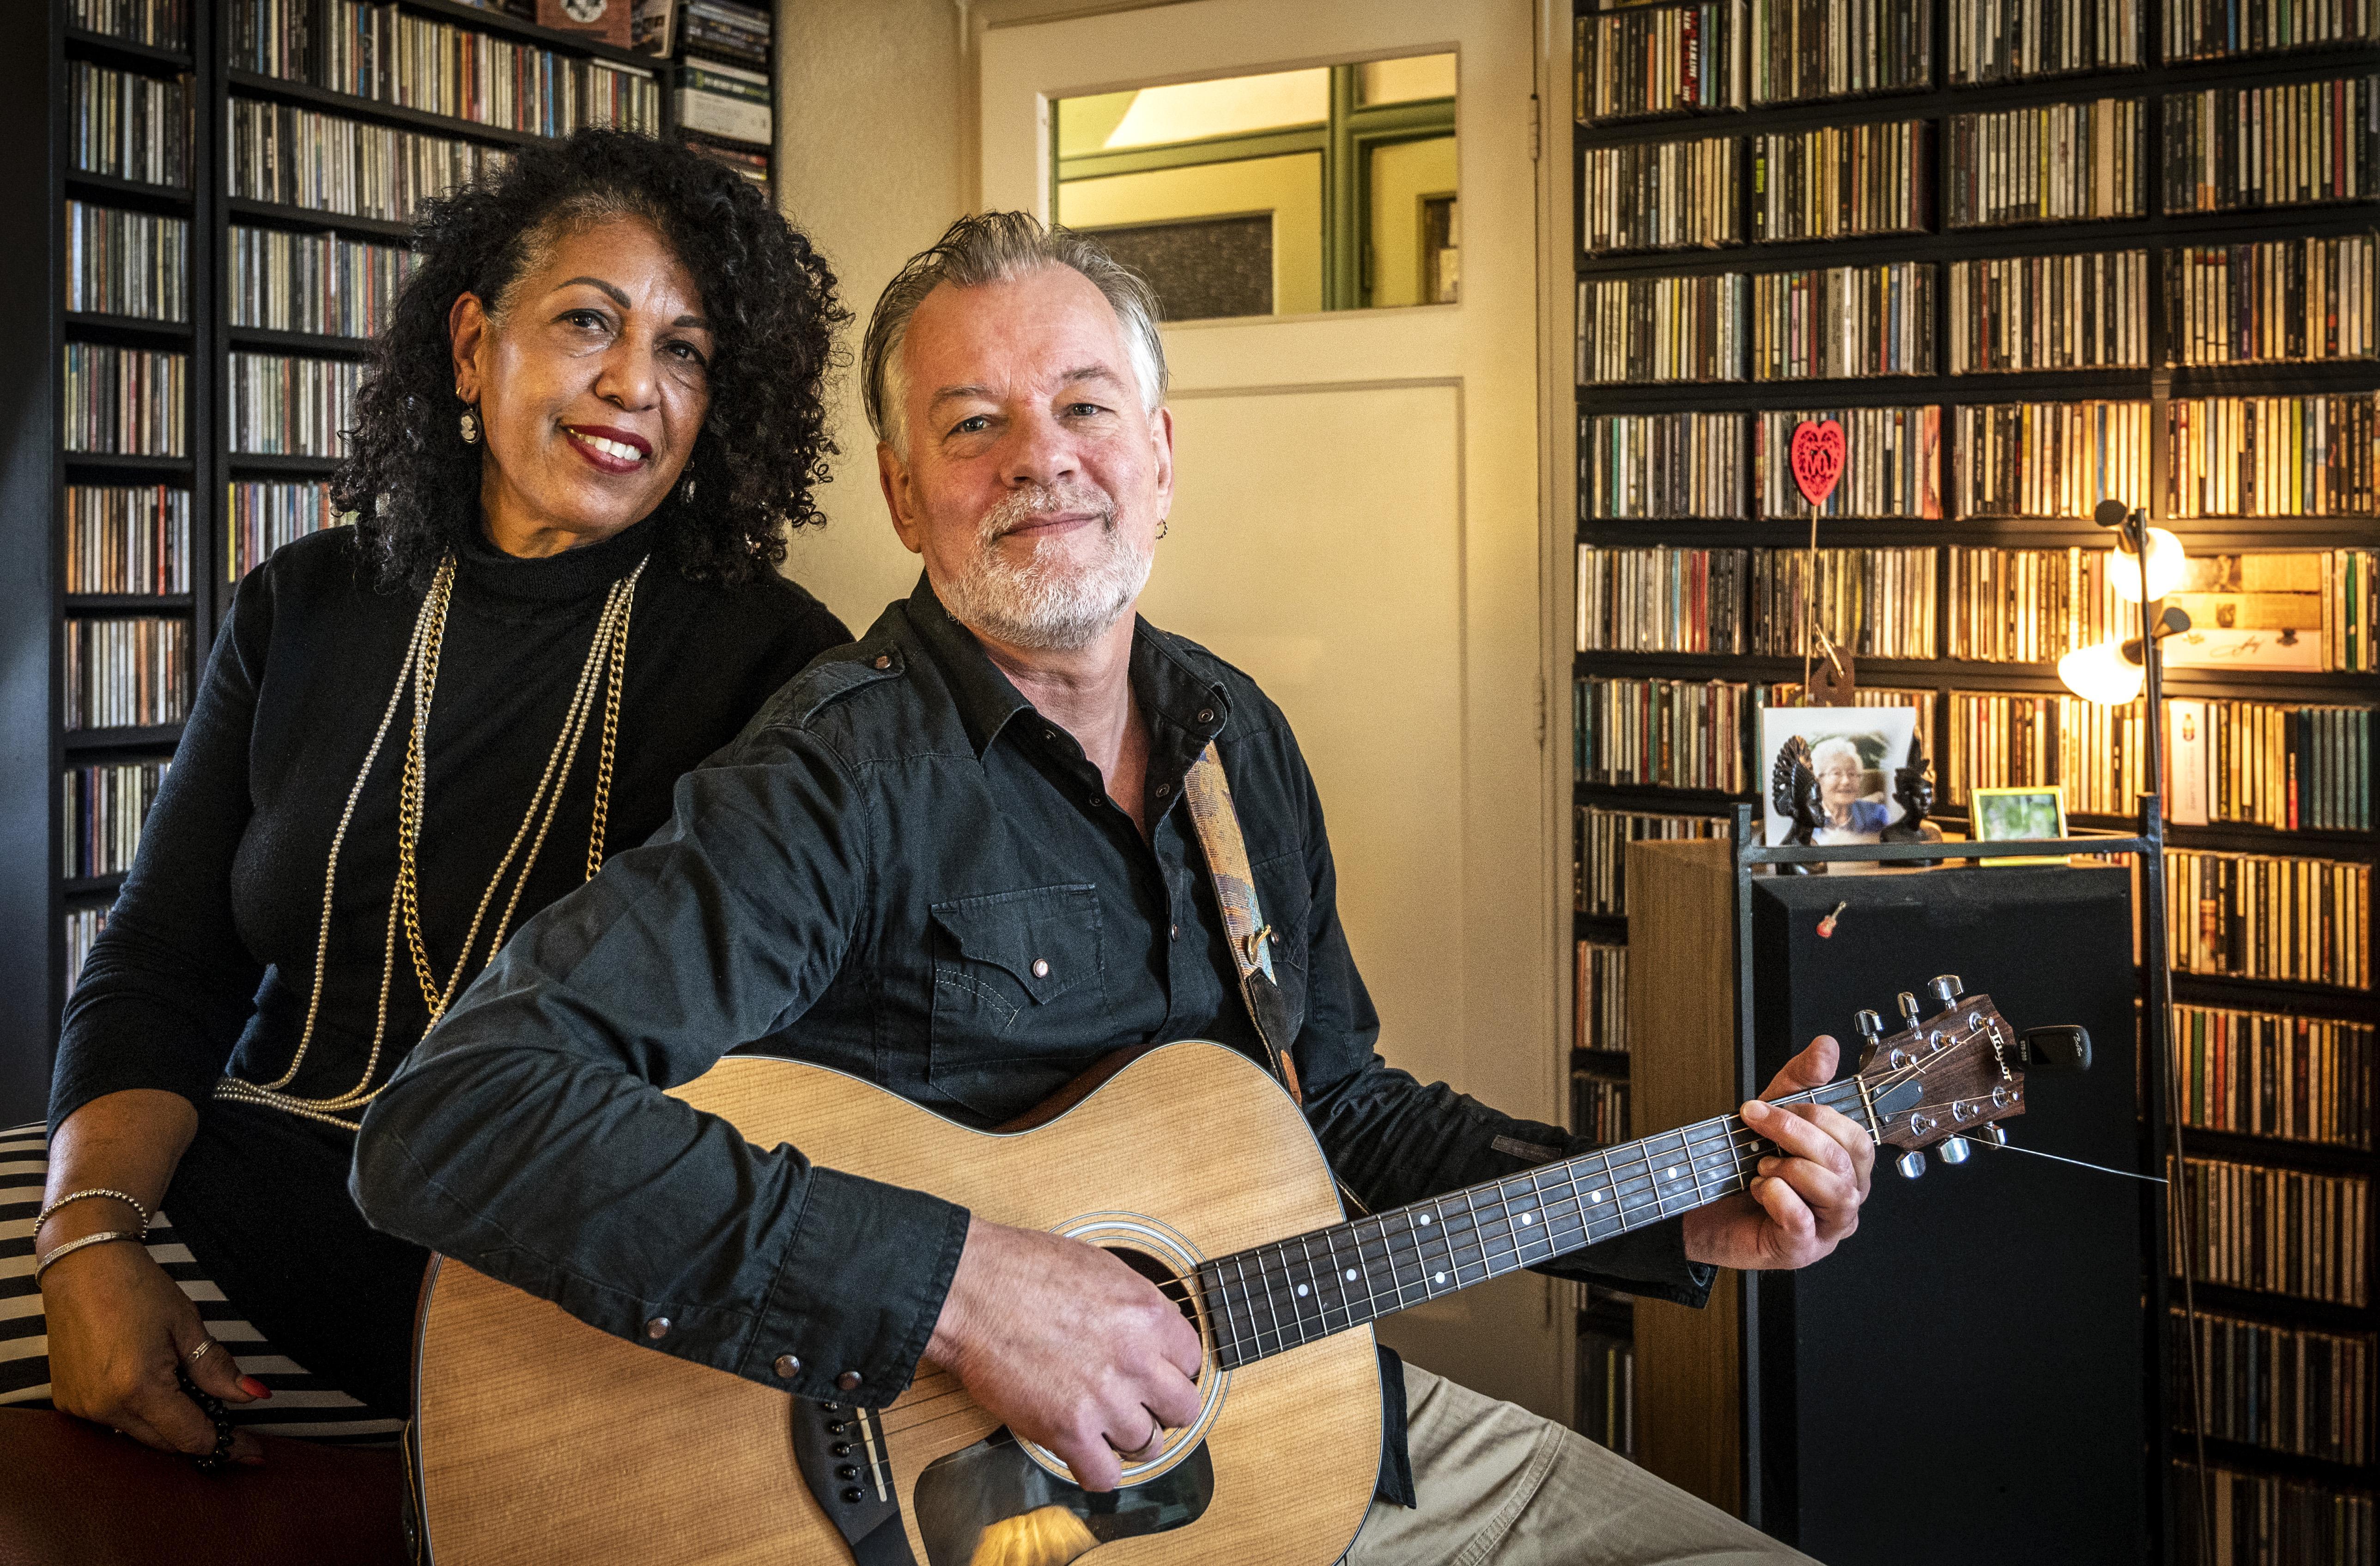 Haarlemmers Jeroen en Emilia maken thuis een muziekreis